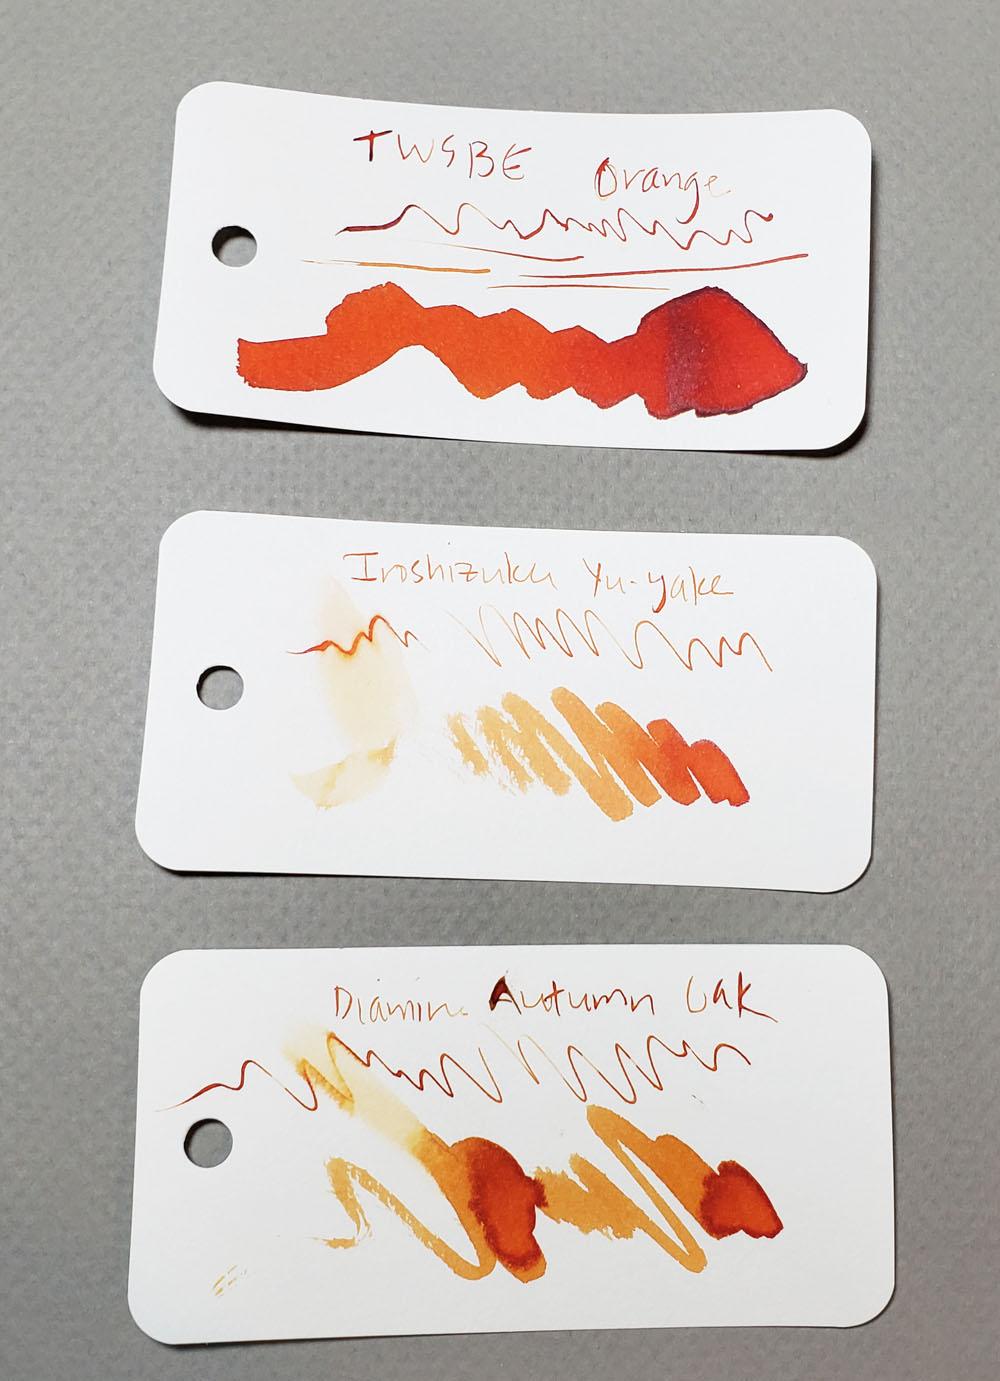 TWSBI Orange comparison